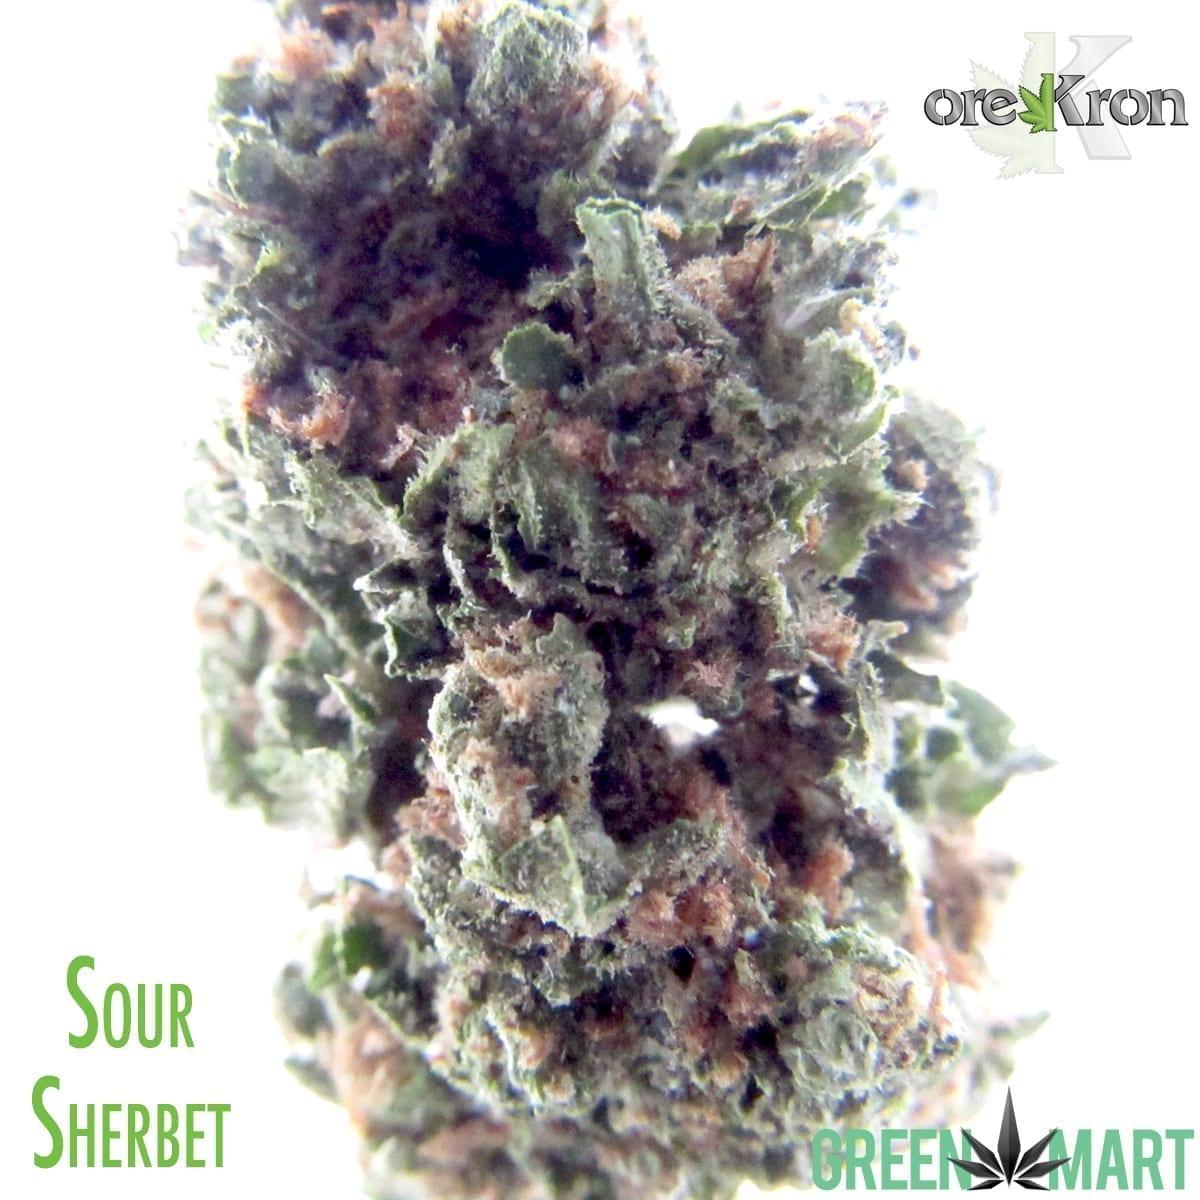 Sour Sherbet by Orekron